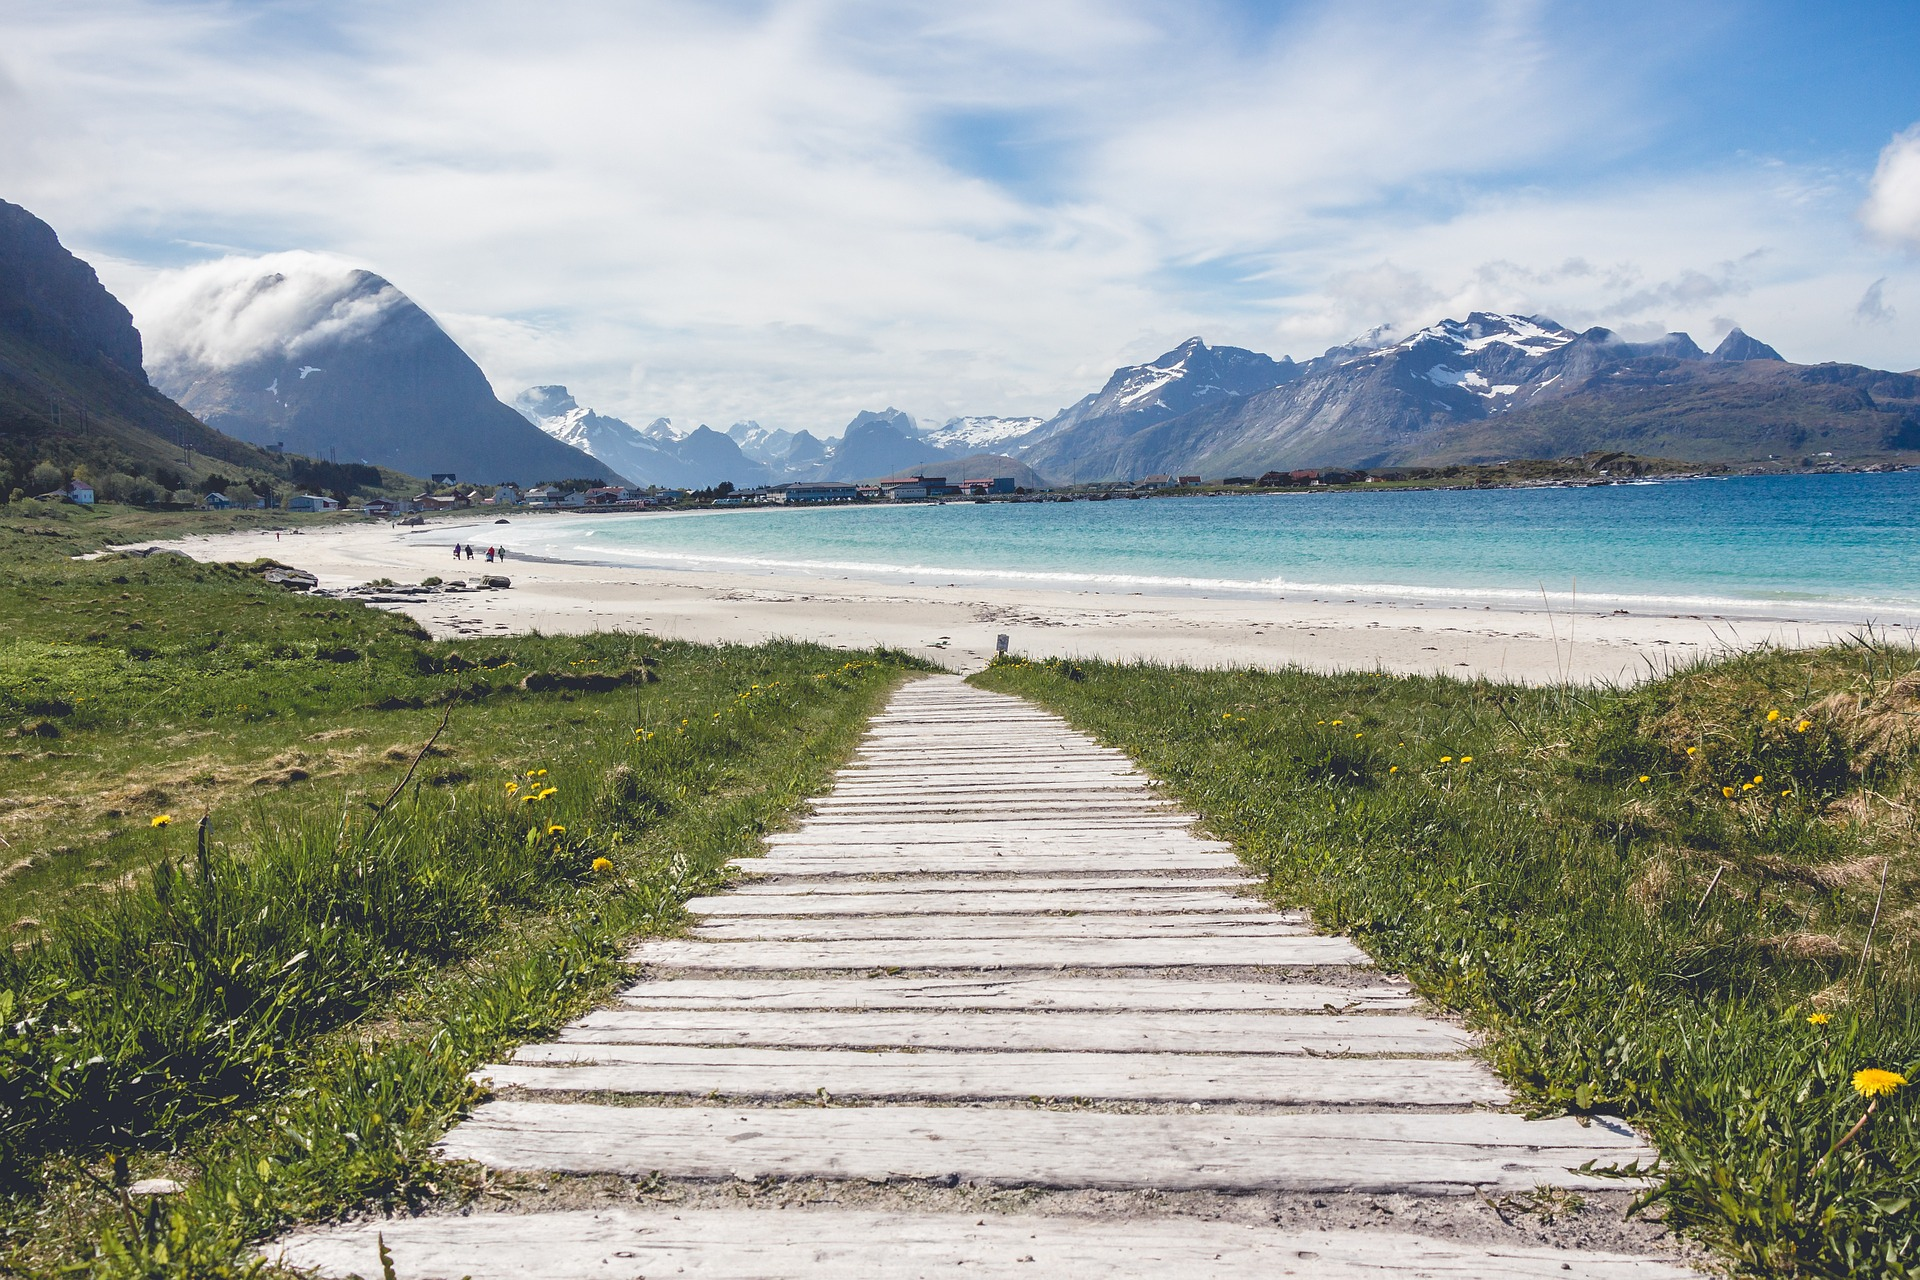 lepiej wybrać się nad morze czy w góry?